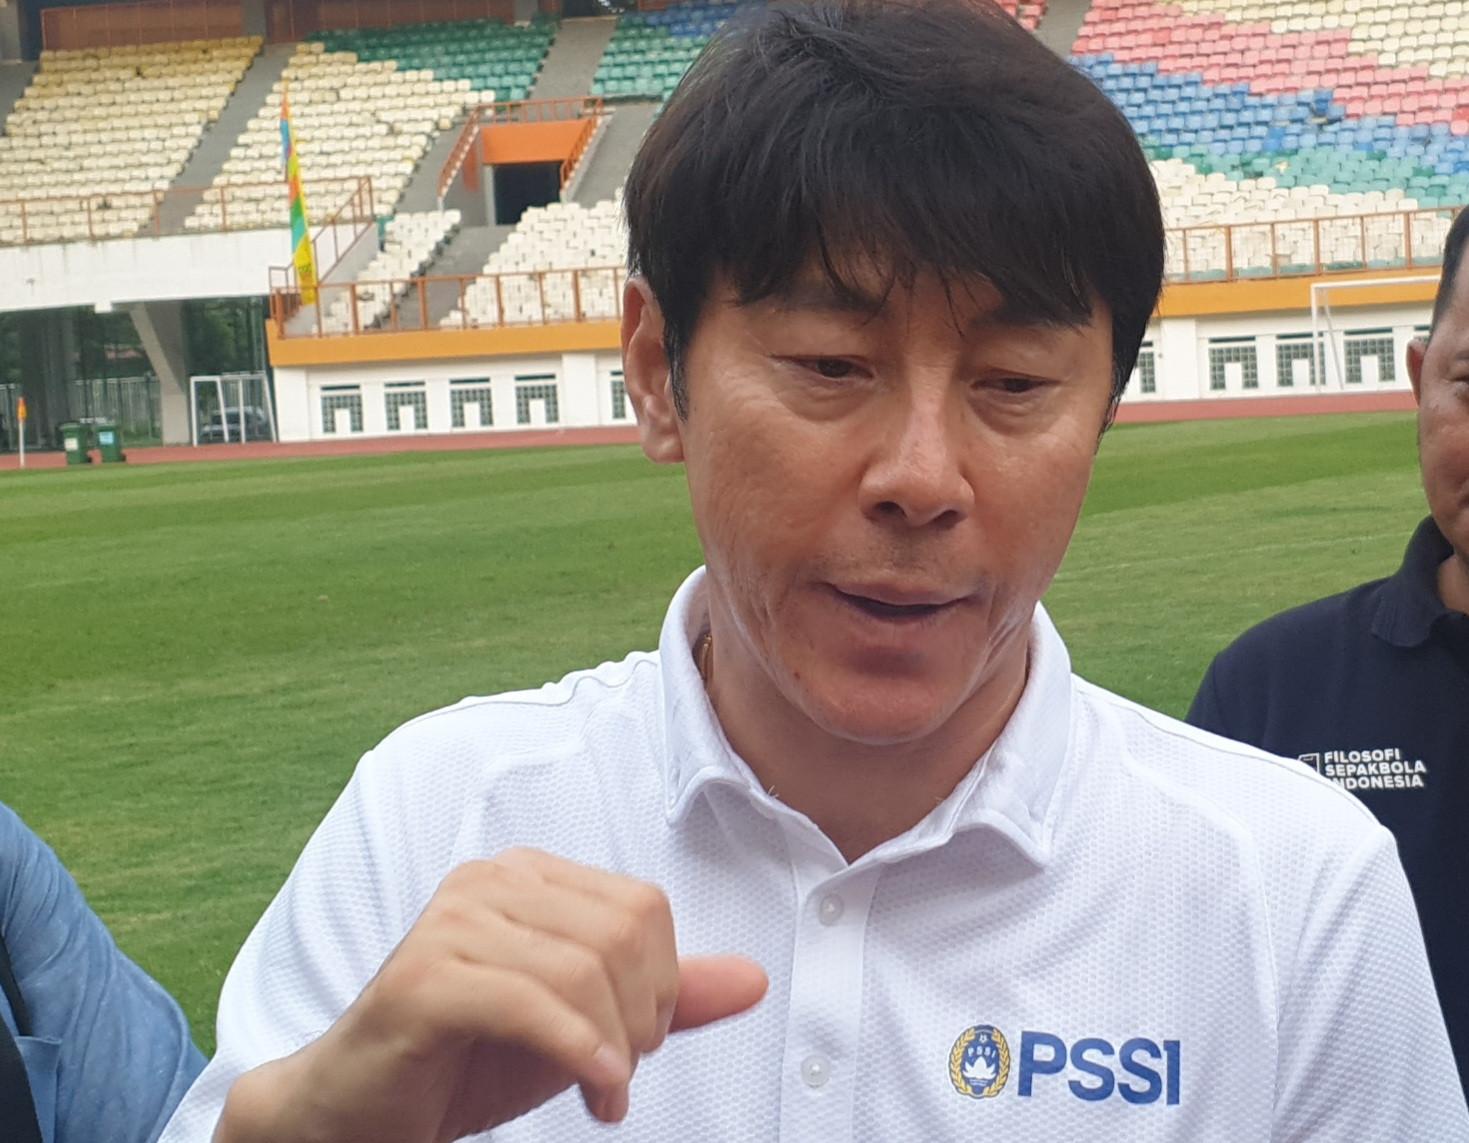 Dikritik Pelatih PSM, Shin Tae Yong Langsung Bereaksi - JPNN.com